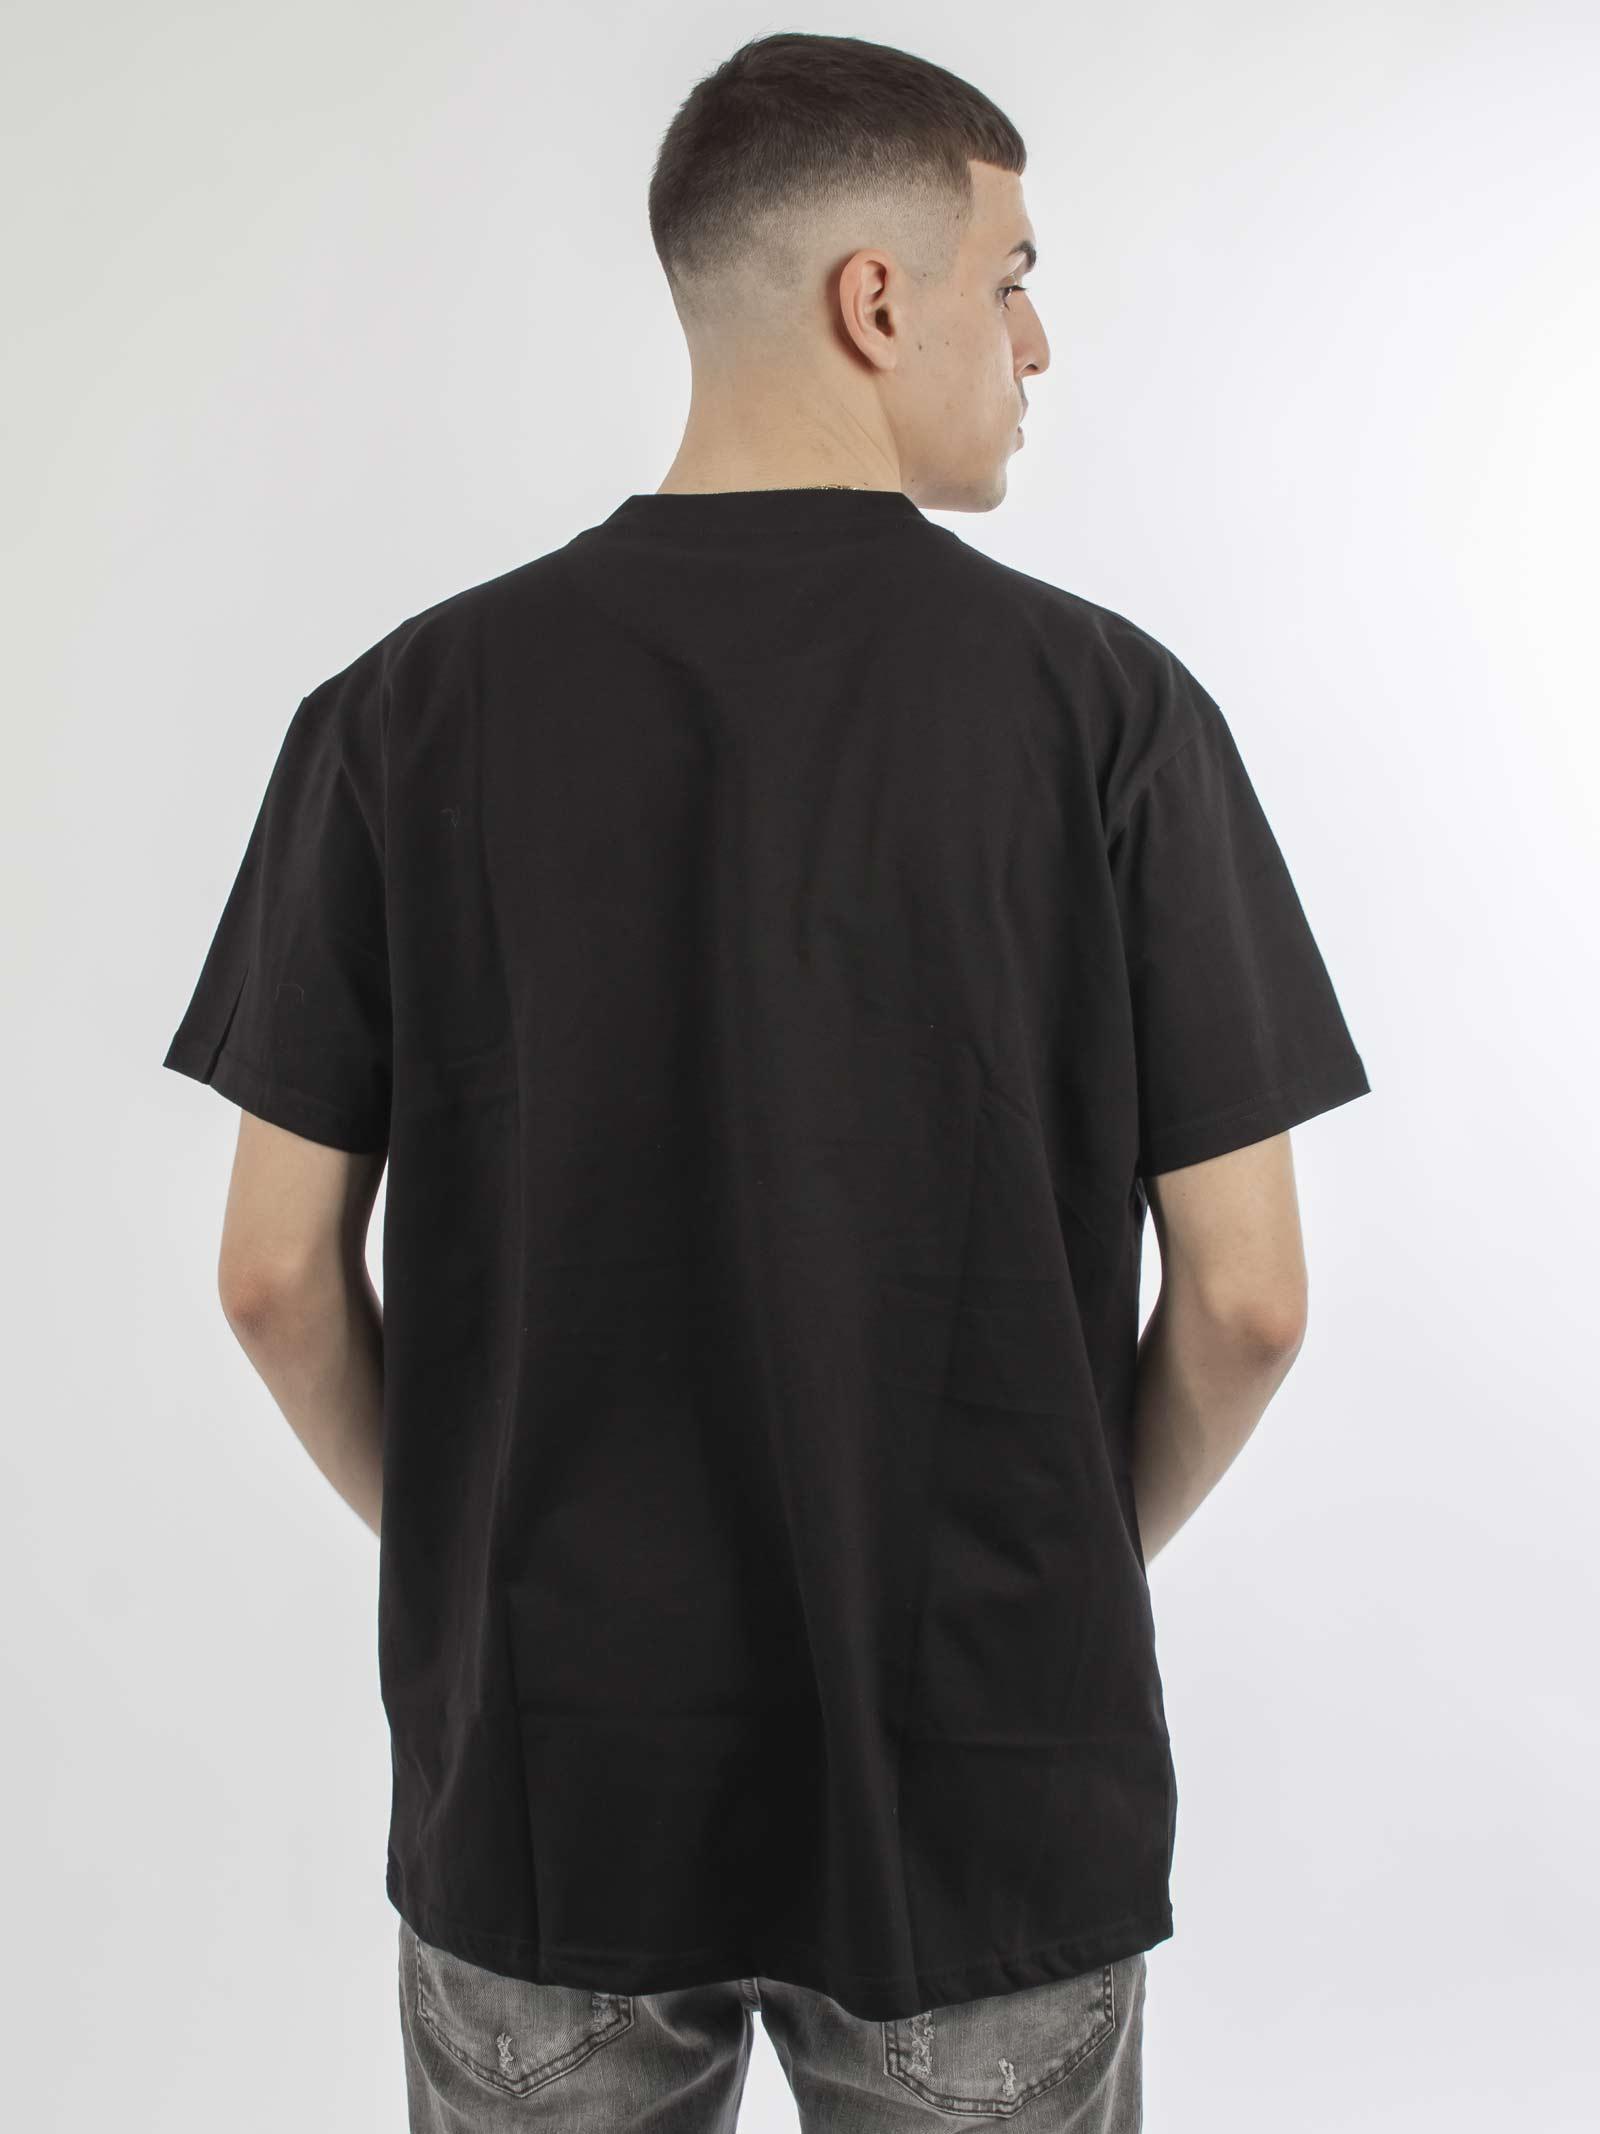 T-shirt PRIME | T-shirt | AG1311NERO